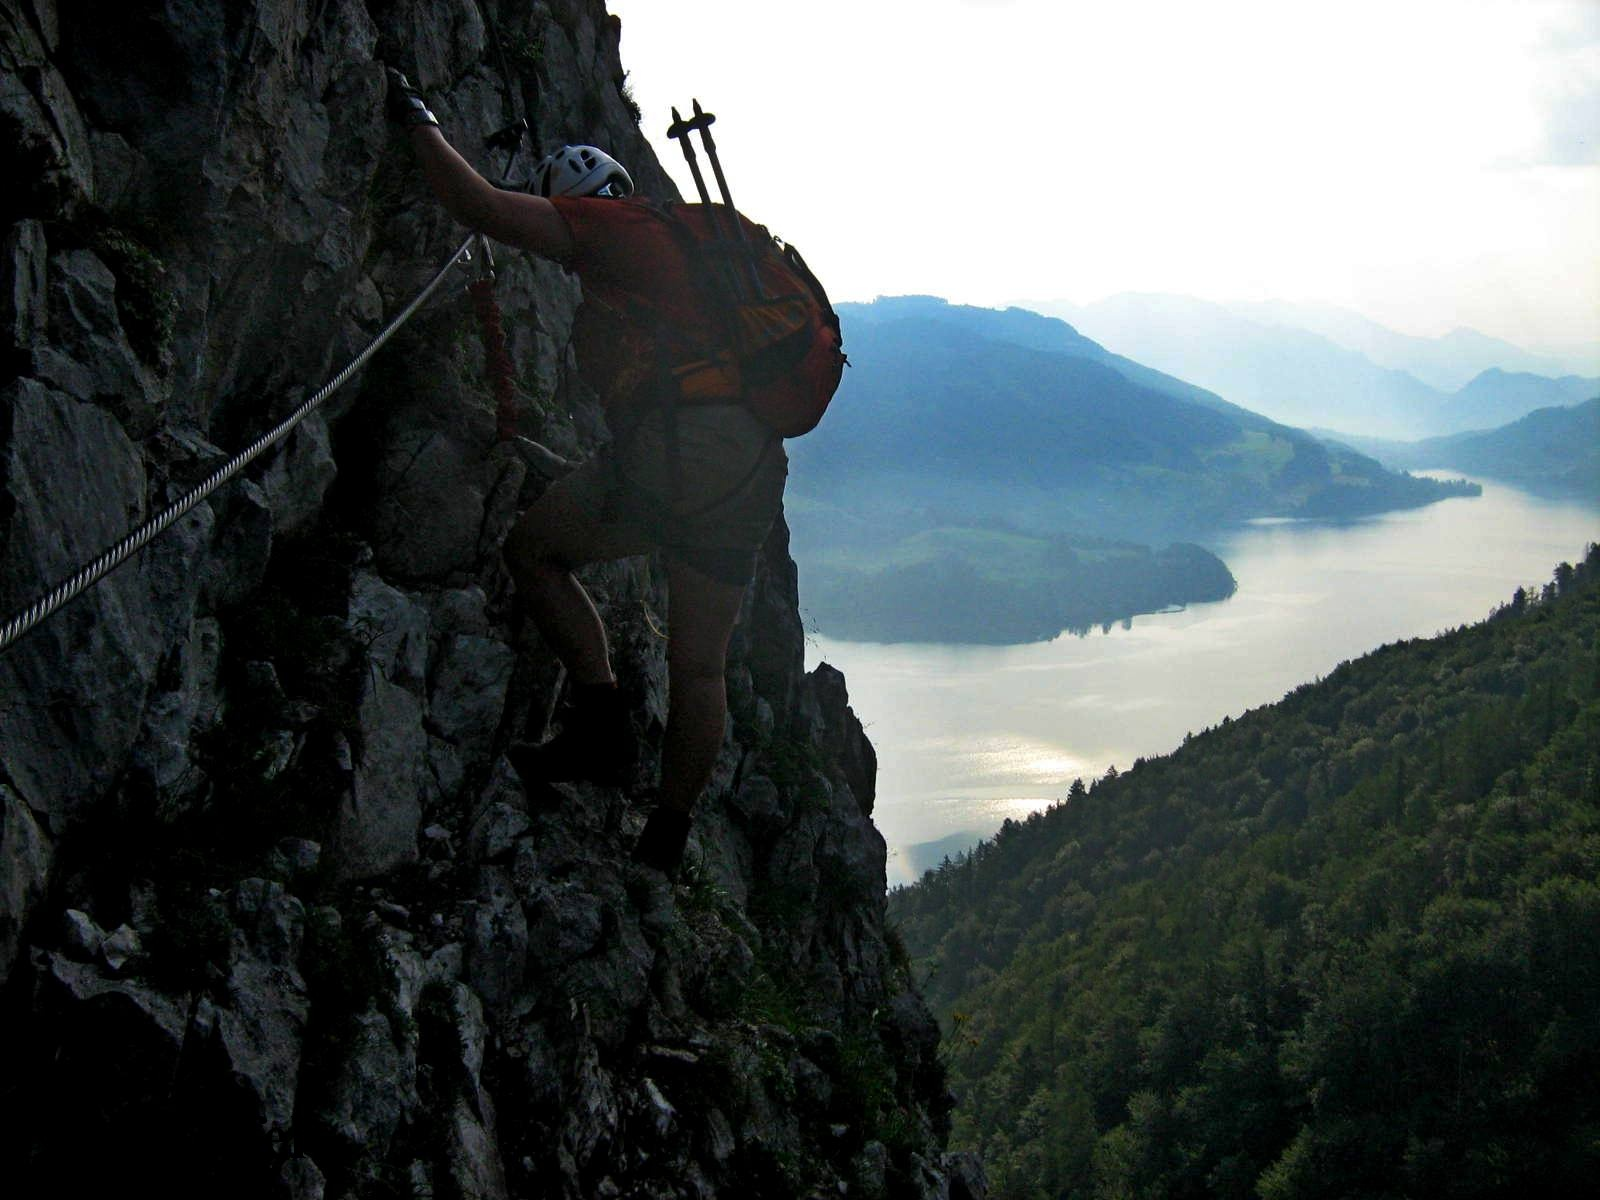 Klettersteig Mondsee : Drachenwand klettersteig m u meine bergtouren